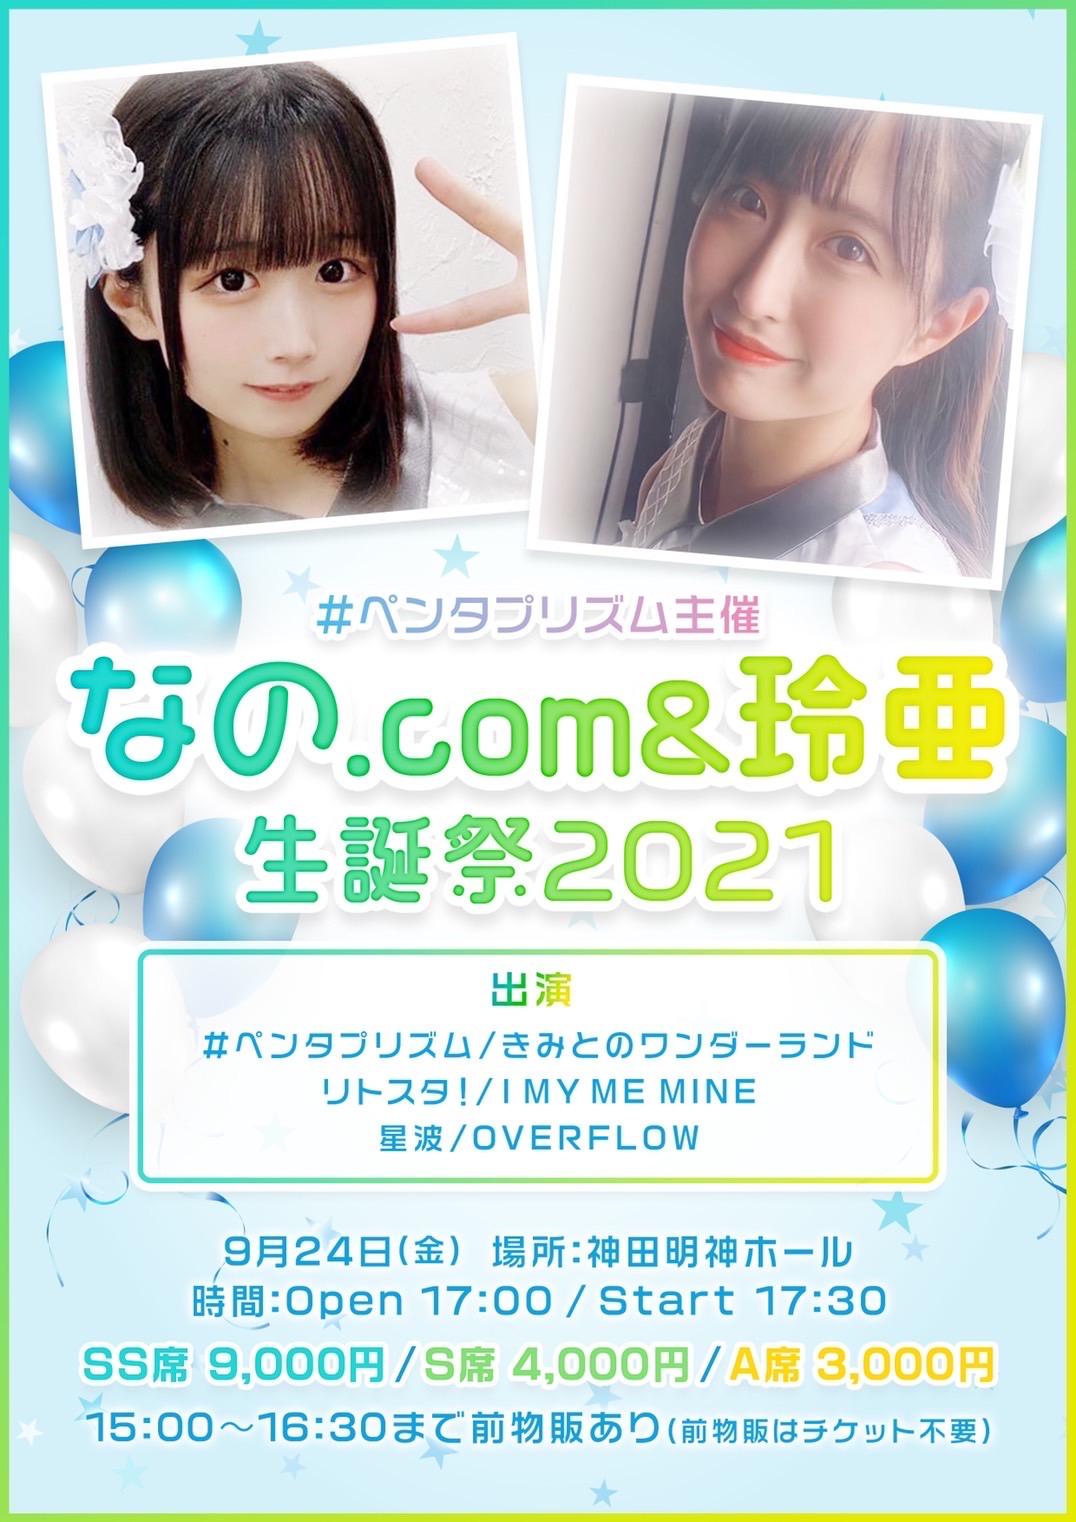 #ペンタプリズム主催、なの.com & 玲亜 生誕祭2021